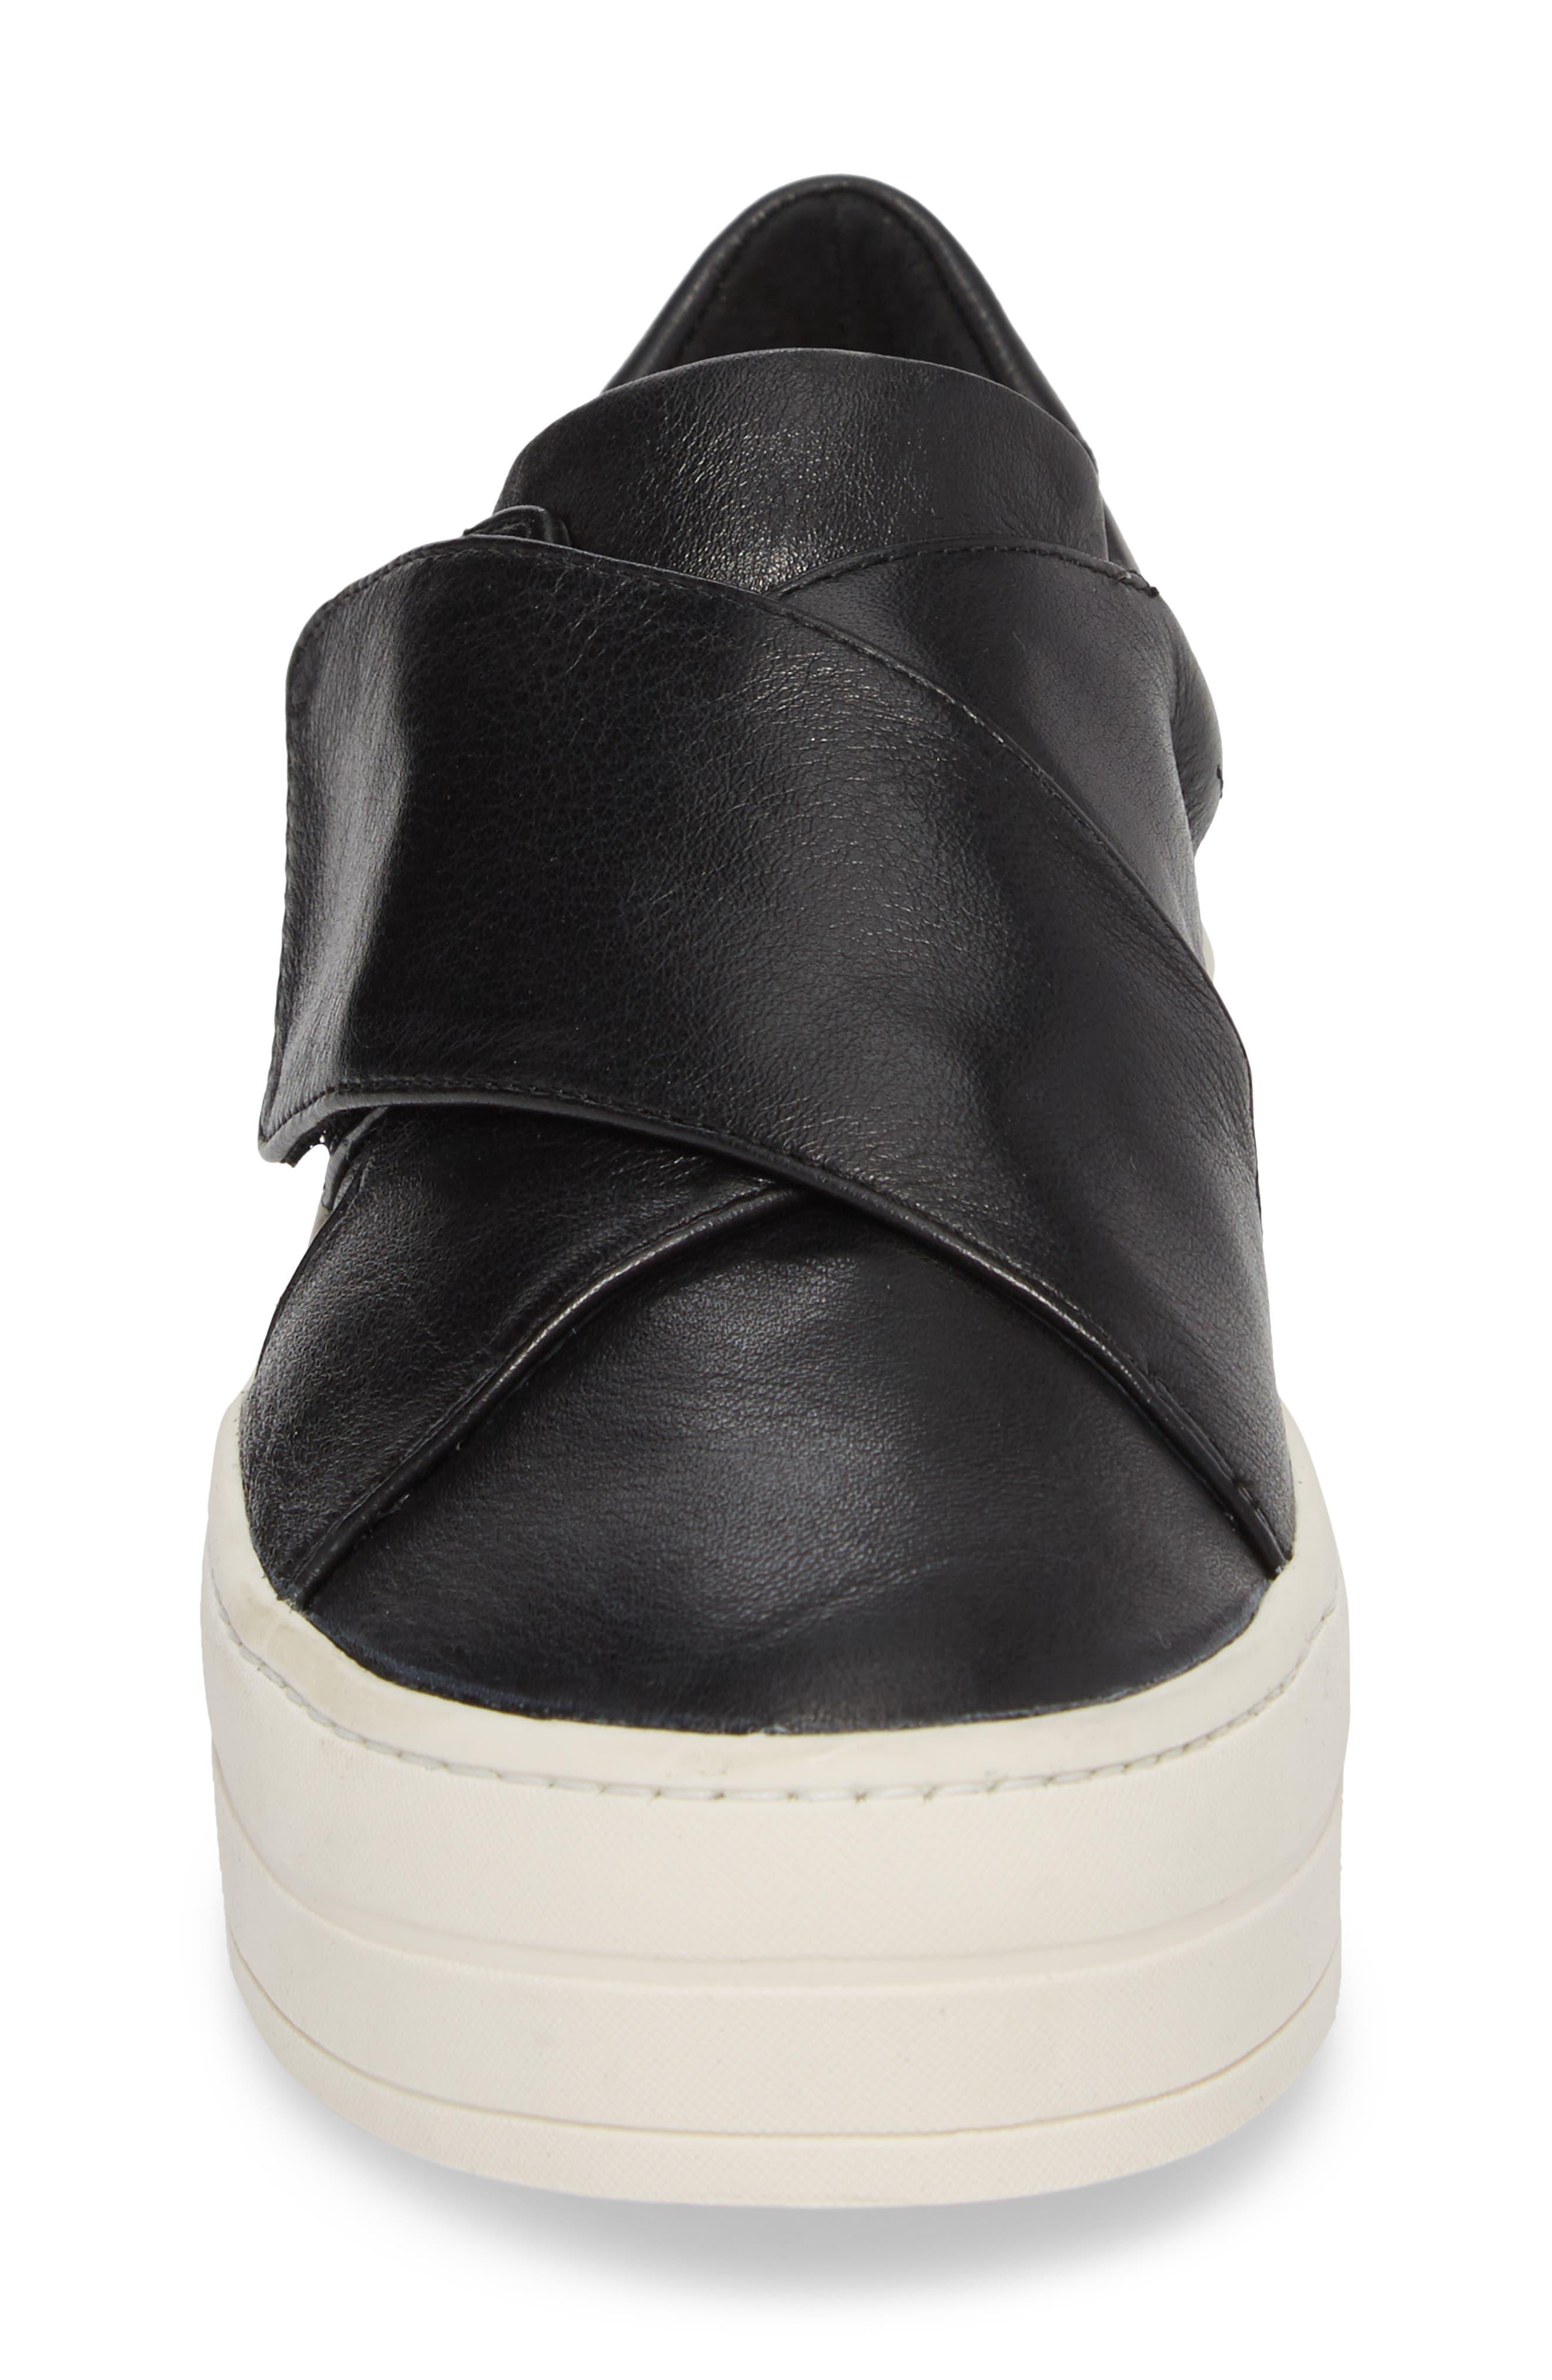 Harper Sneaker,                             Alternate thumbnail 4, color,                             Black Leather